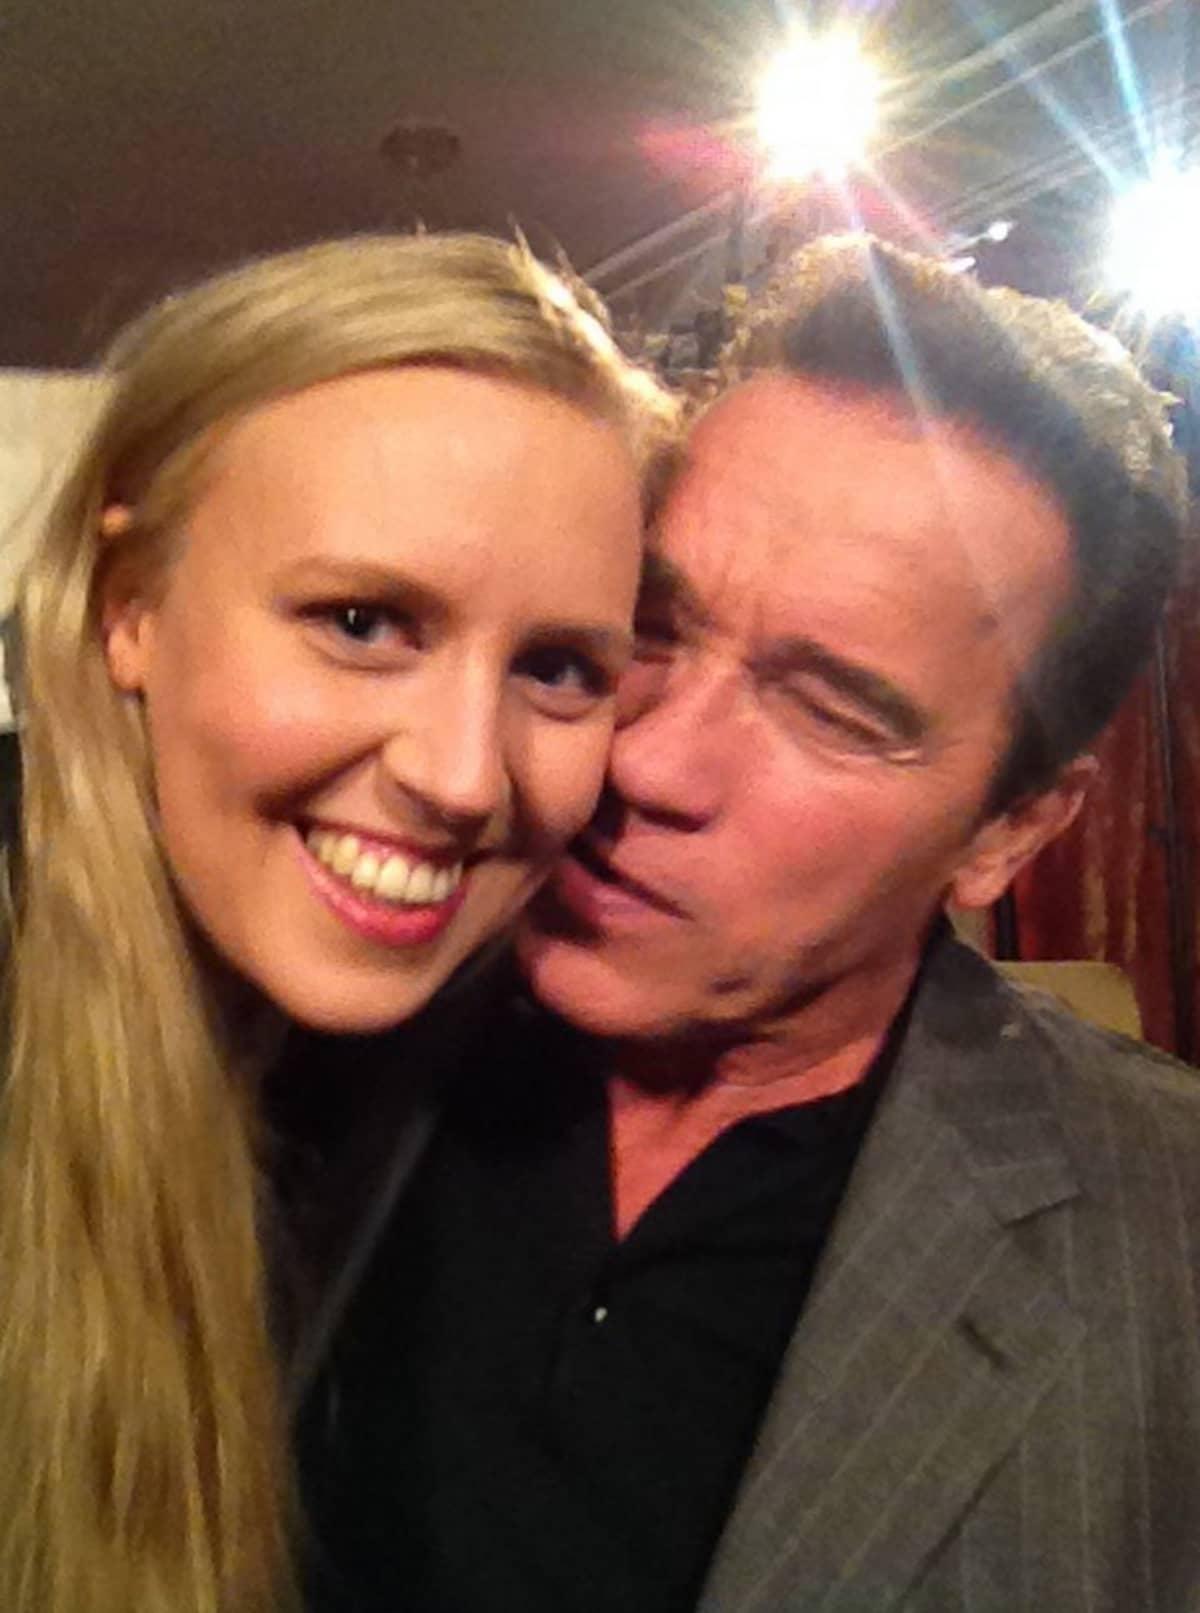 Ylen toimittaja saamassa poskisuudelmaa Arnold Schwarzeneggeriltä.